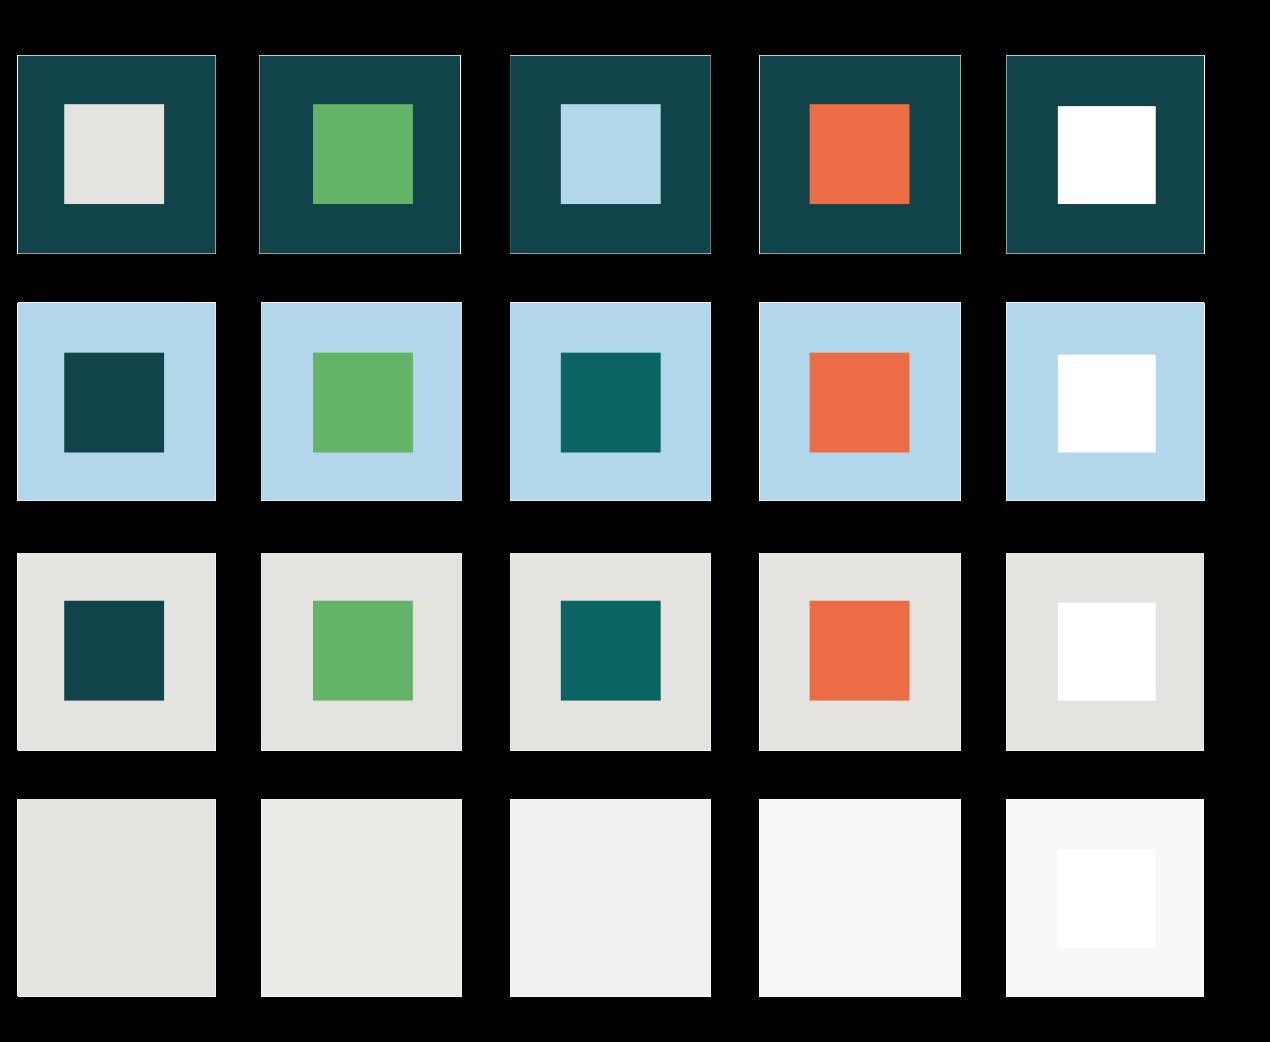 fargekombinasjoner-venstre